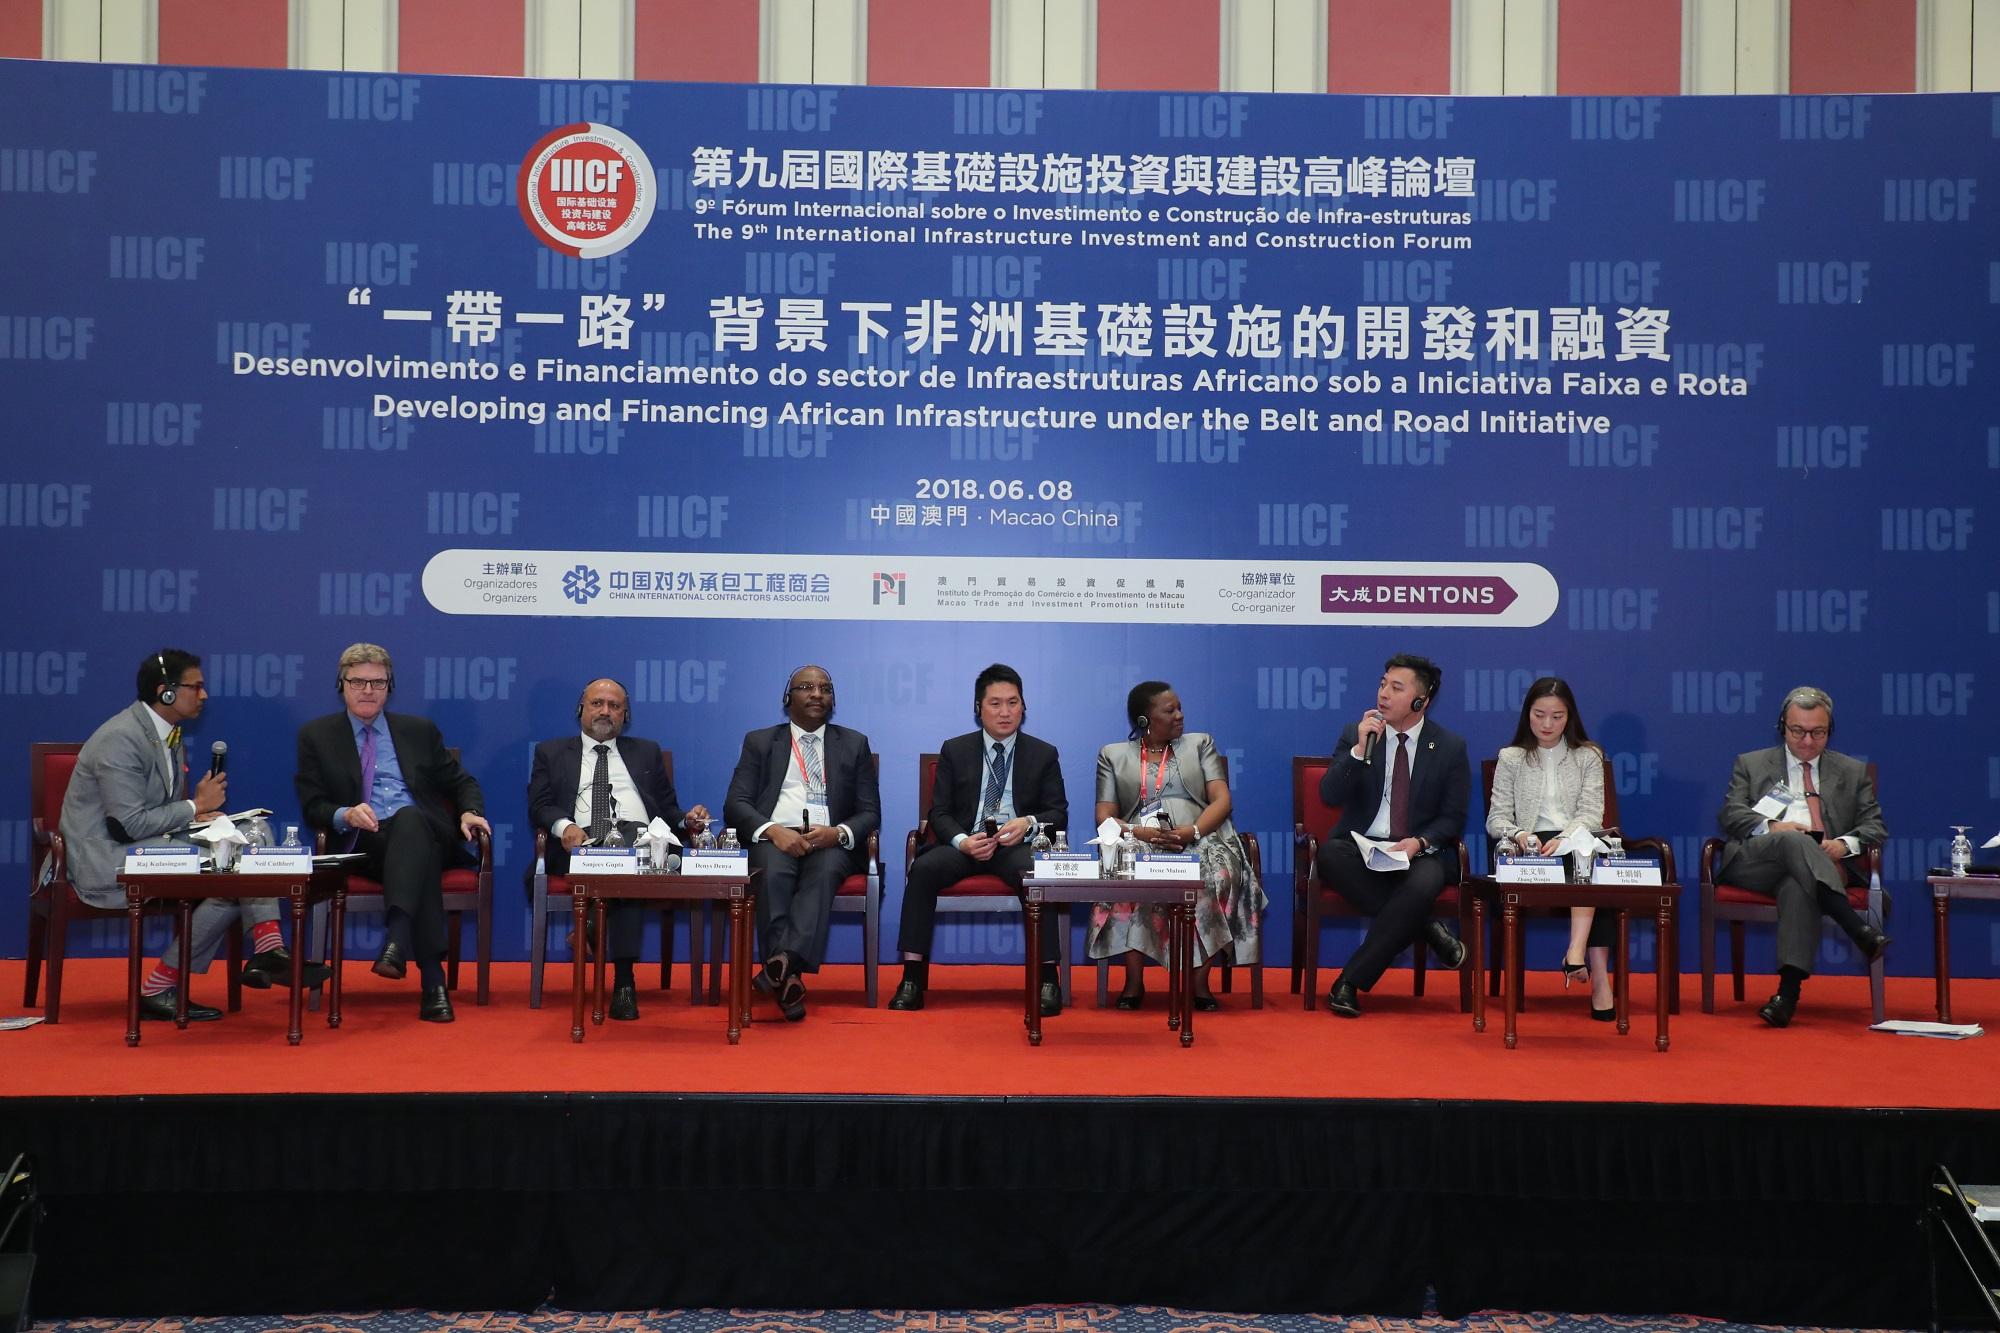 IIICF 2018 panel